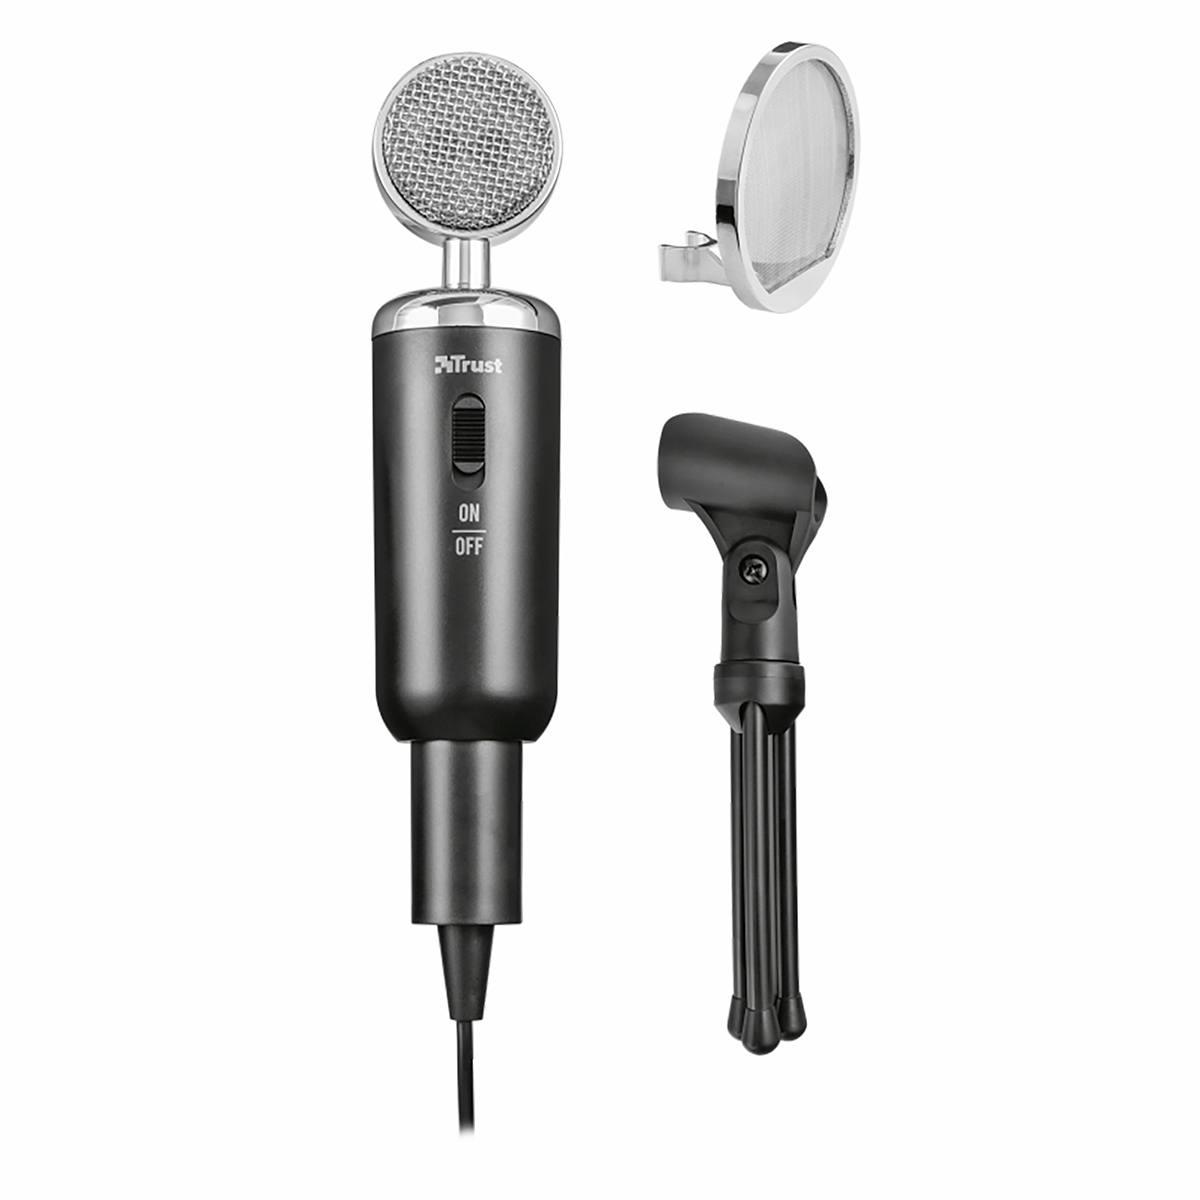 Microfone para PC e Notebook de Alto Desempenho com Tripé Filtro Pop Estilo Vintage Trust Madell